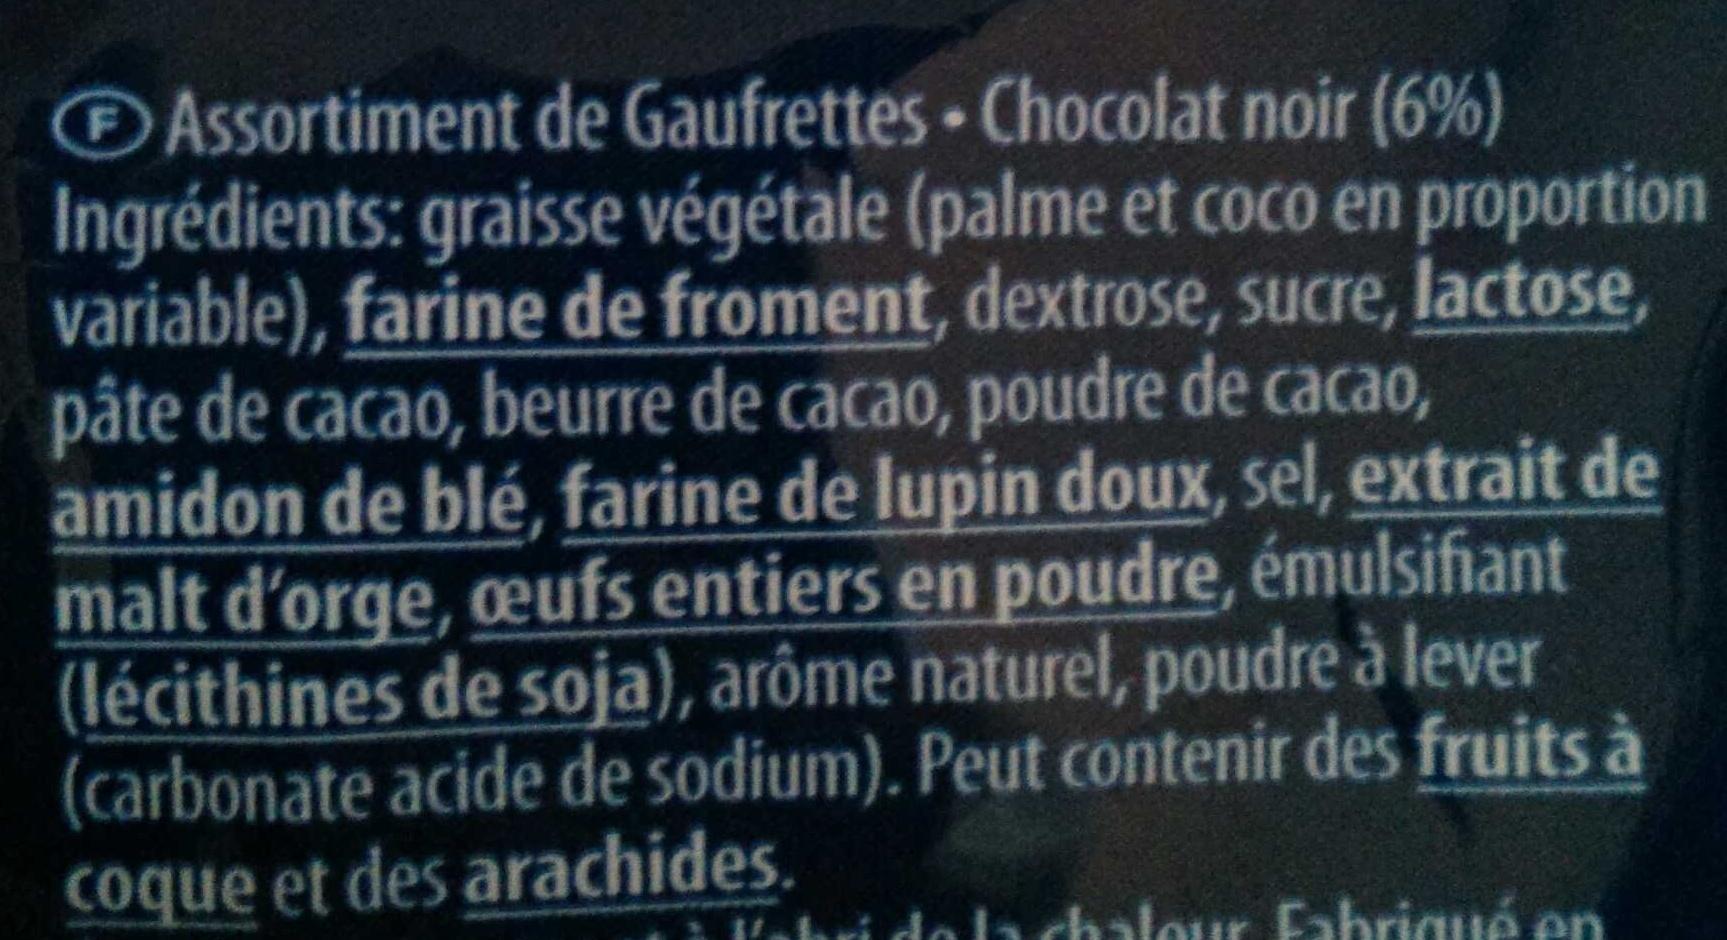 Desiree - Ingredients